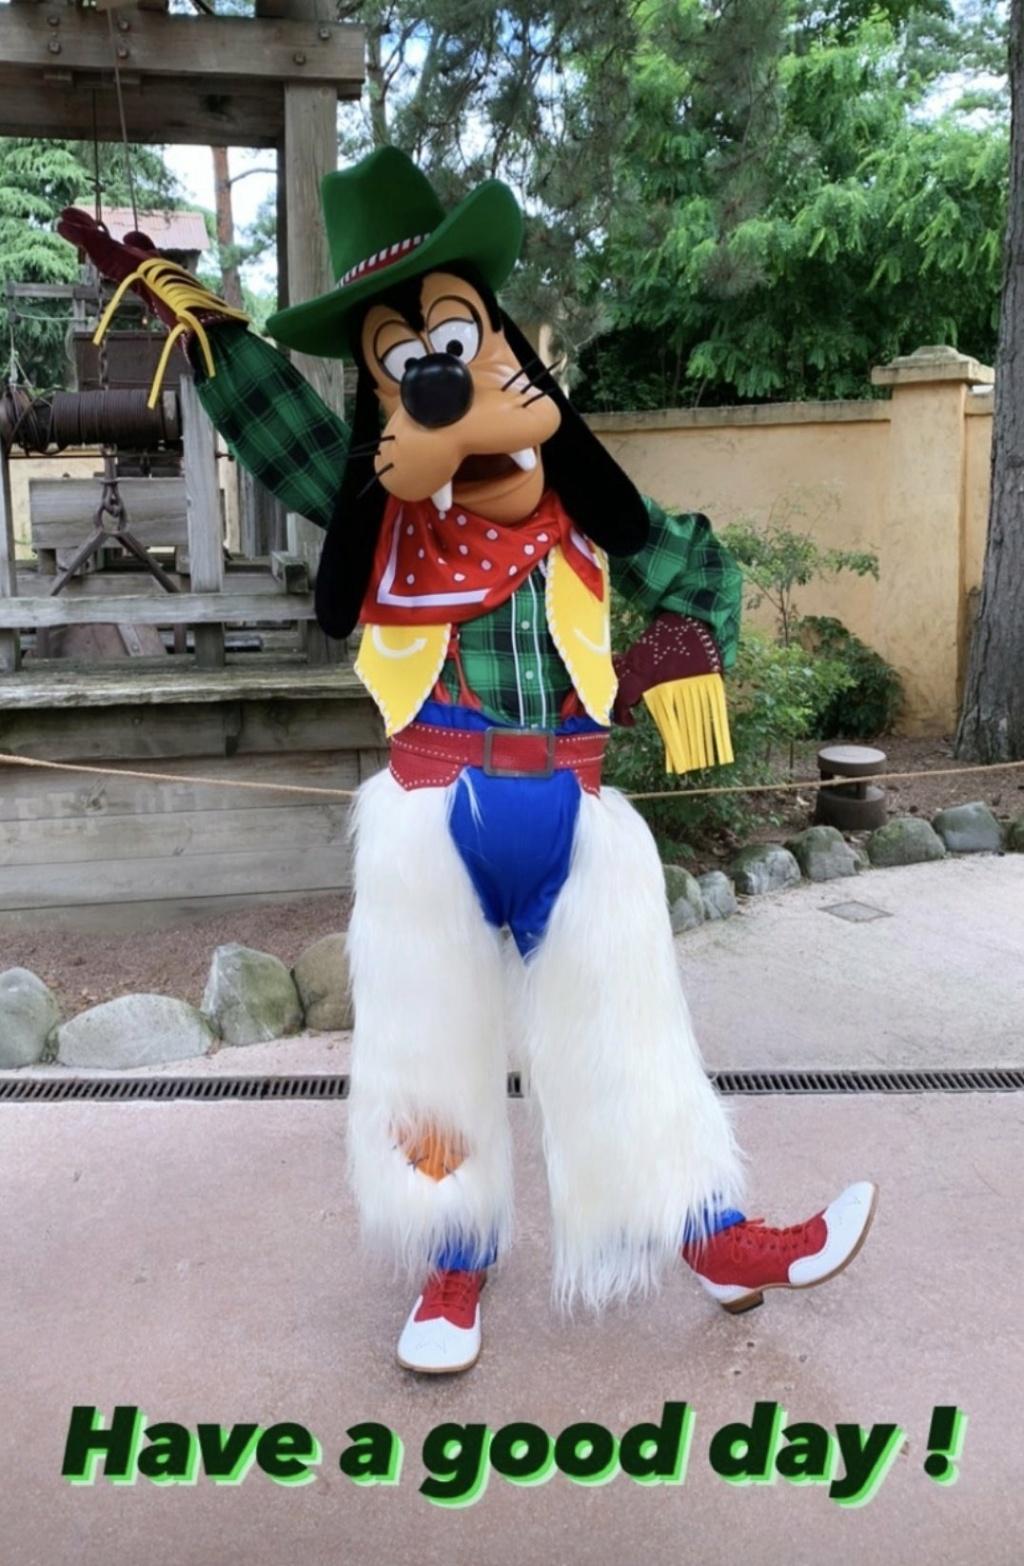 Les bizarreries de Disneyland Paris  - Page 2 E5r7q_10